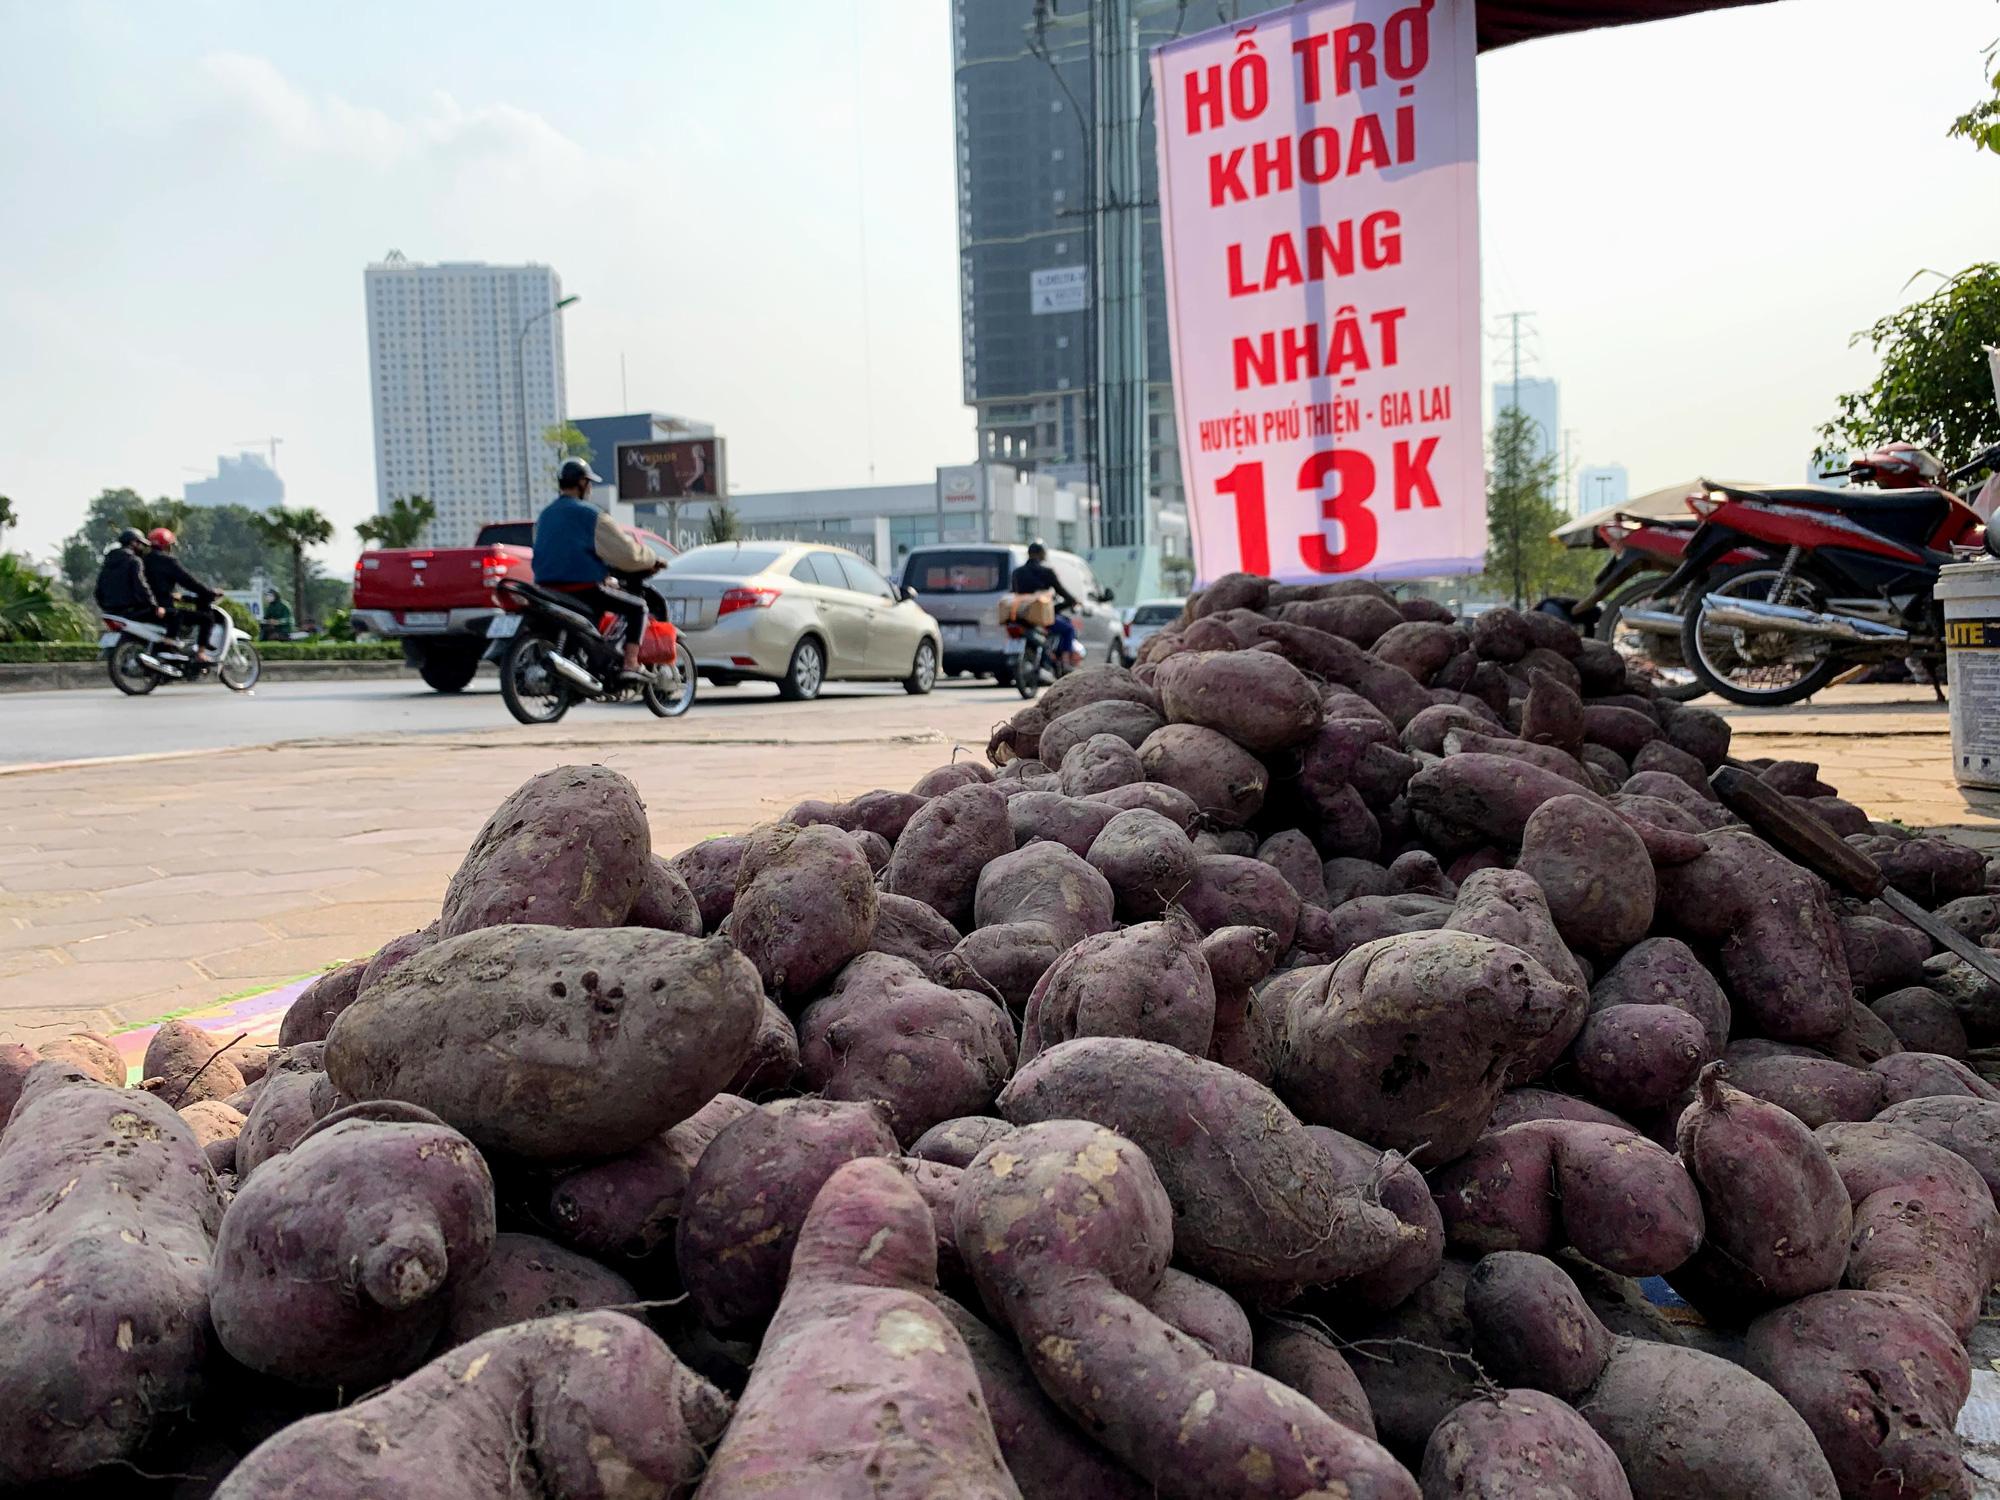 Hàng trăm tấn khoai lang nằm dài trên đường phố Hà Nội chờ 'giải cứu' - Ảnh 2.